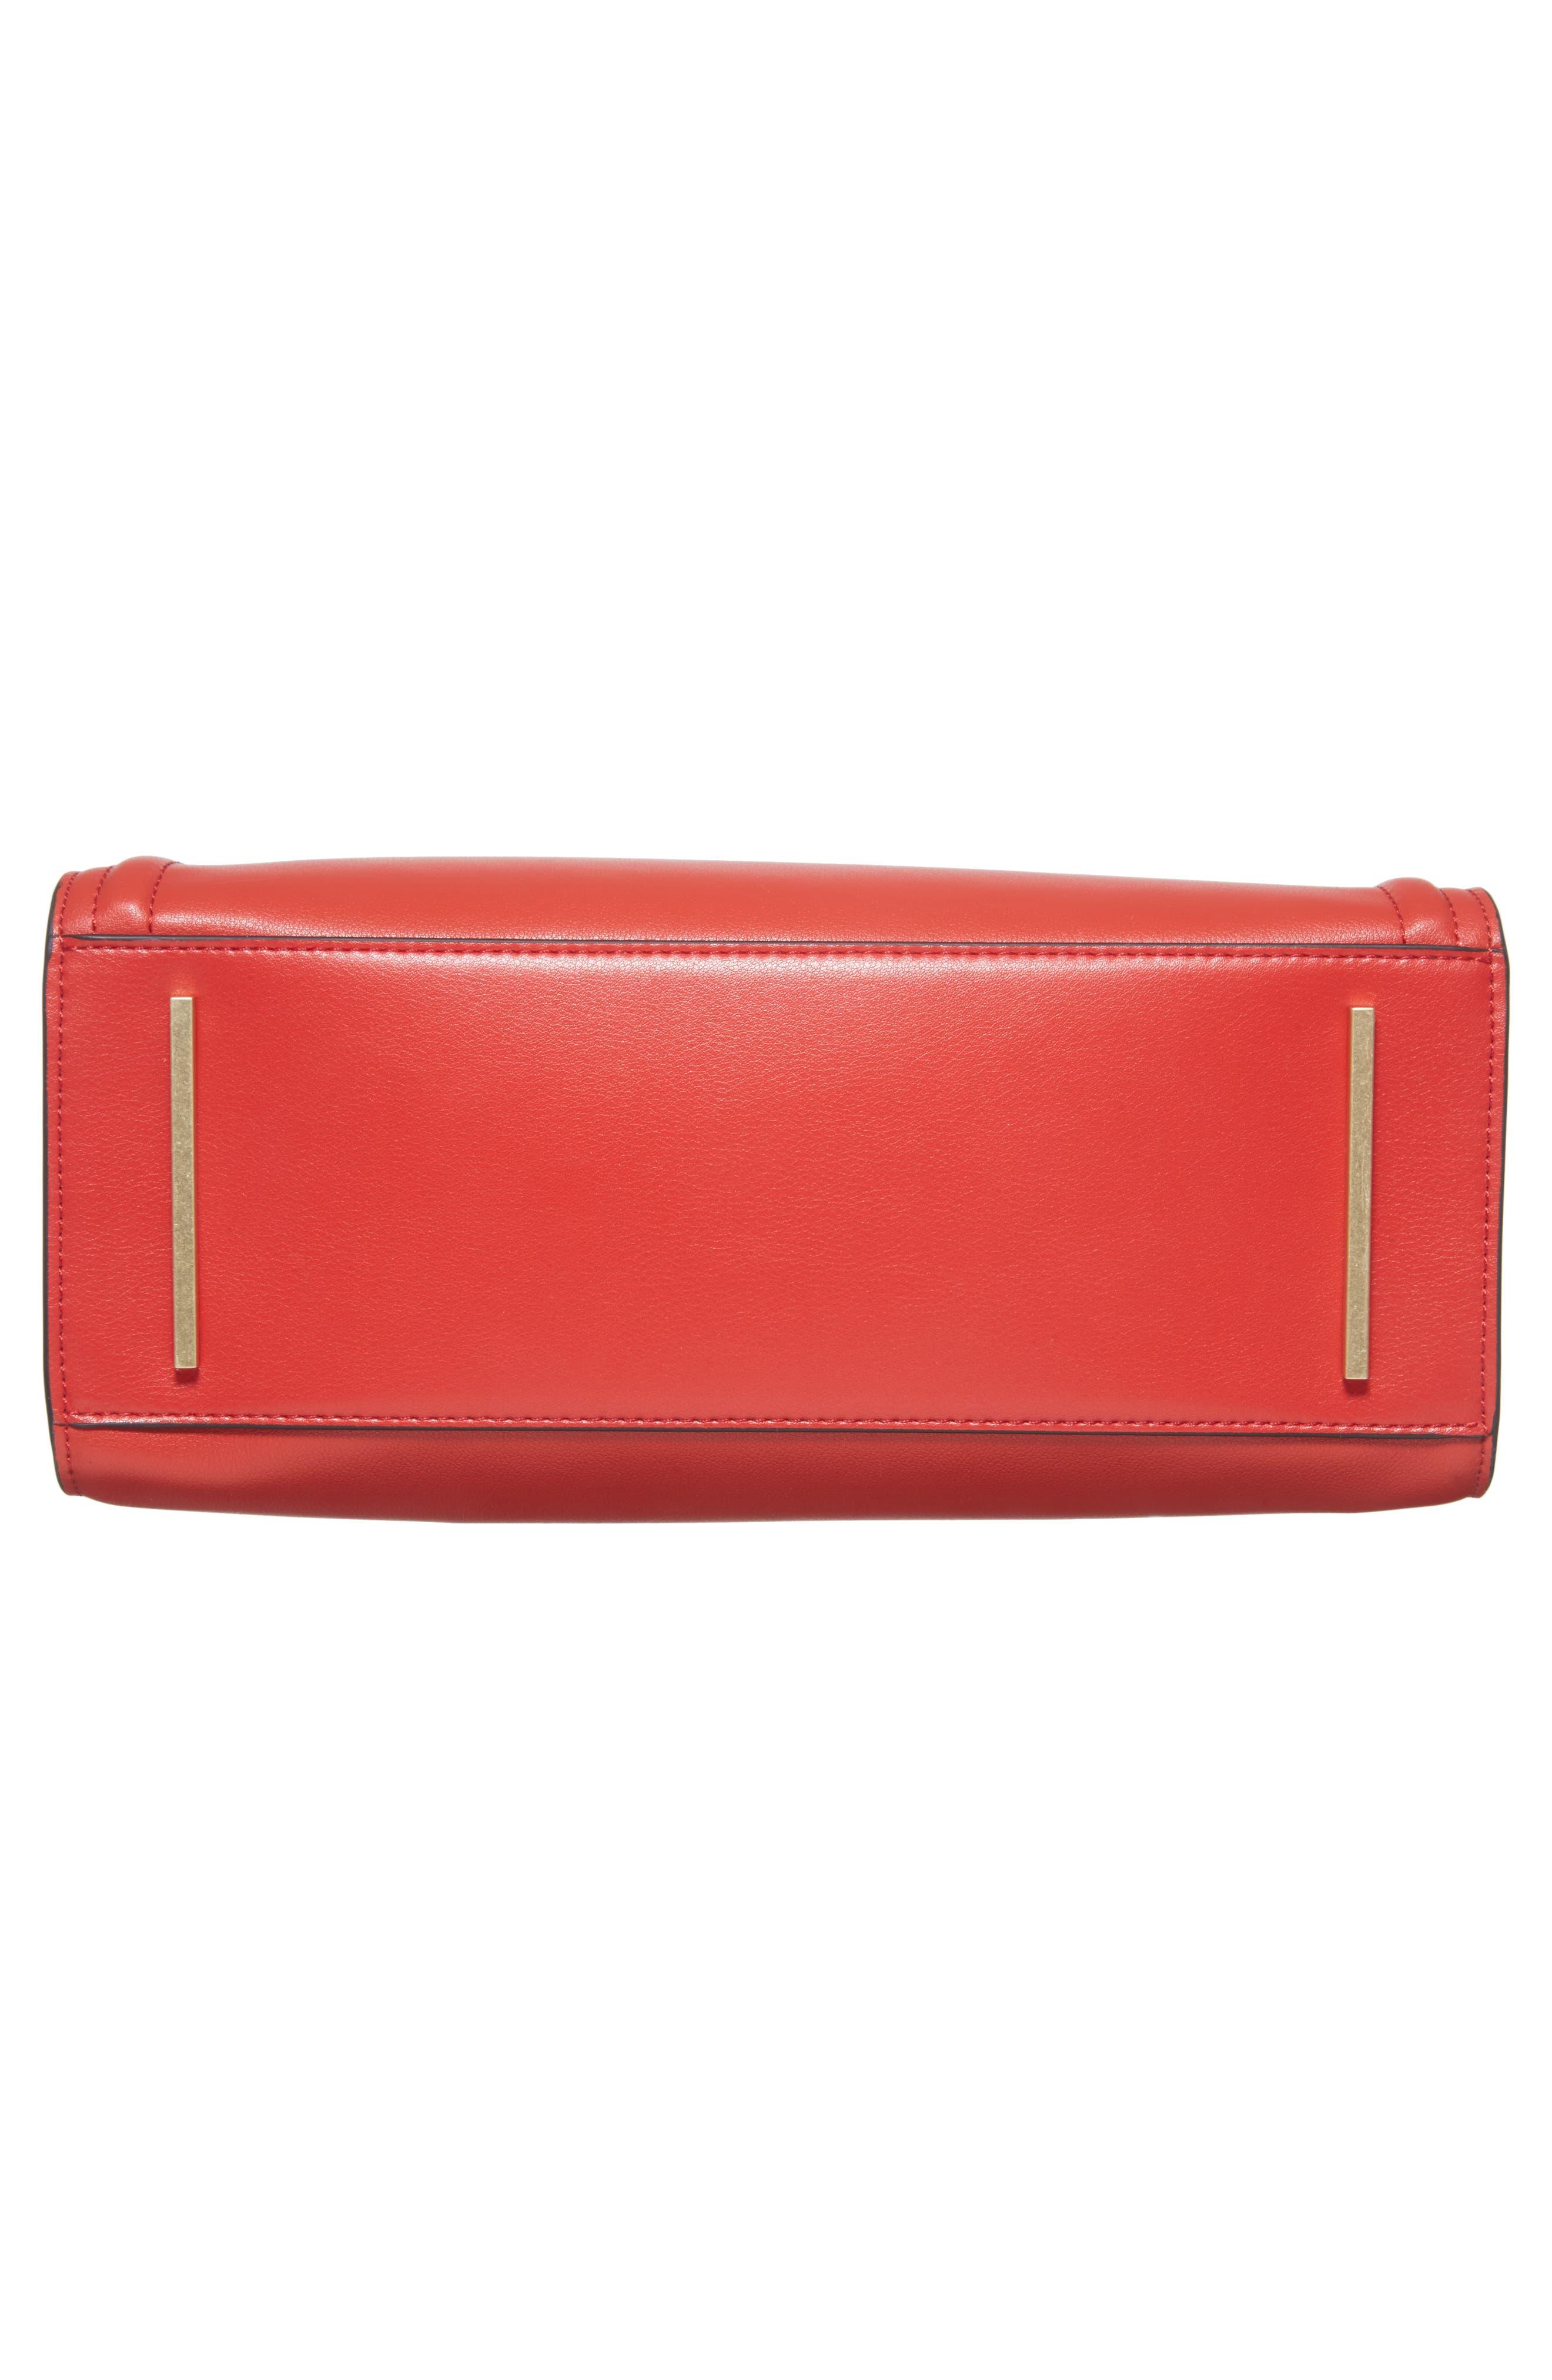 Céline Dion Octave Leather Satchel,                             Alternate thumbnail 6, color,                             600